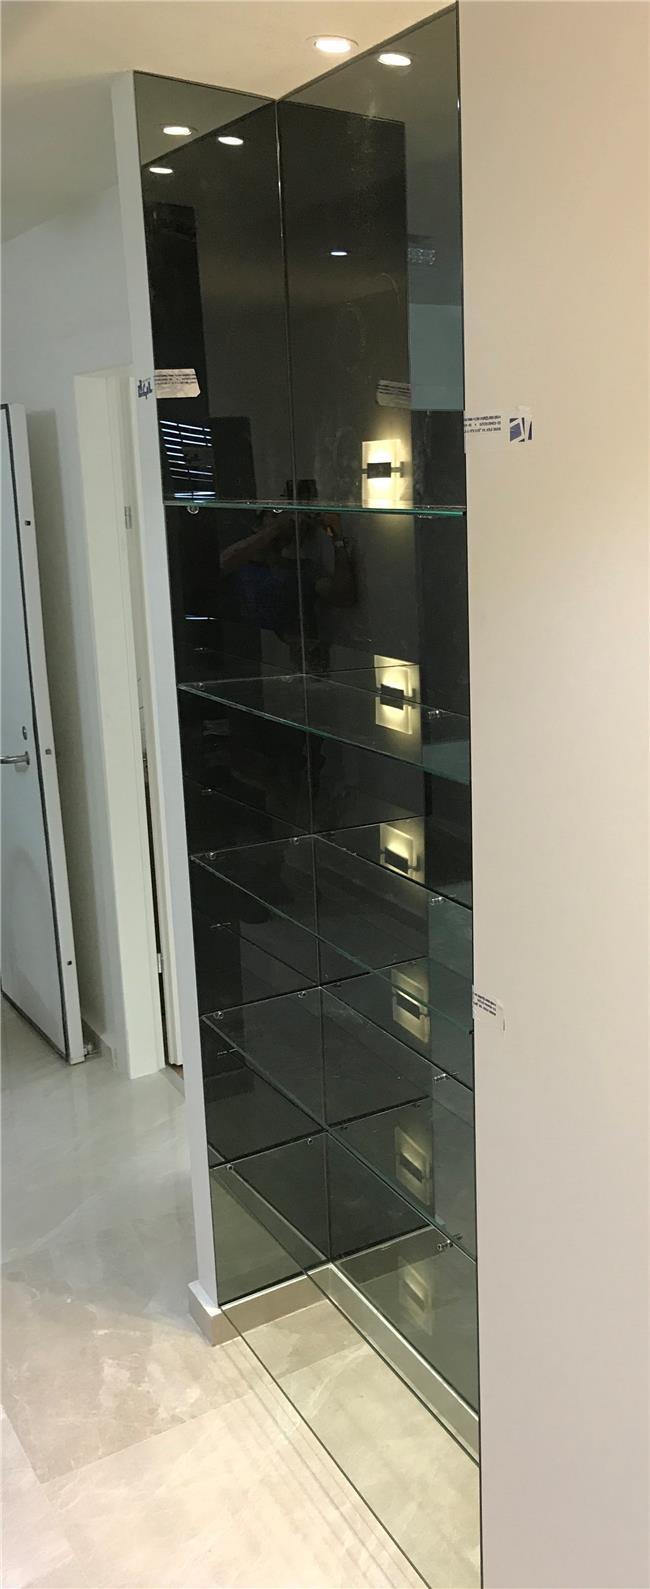 מדפים אלגנטיים מזכוכית - קליר תעשיות זכוכית